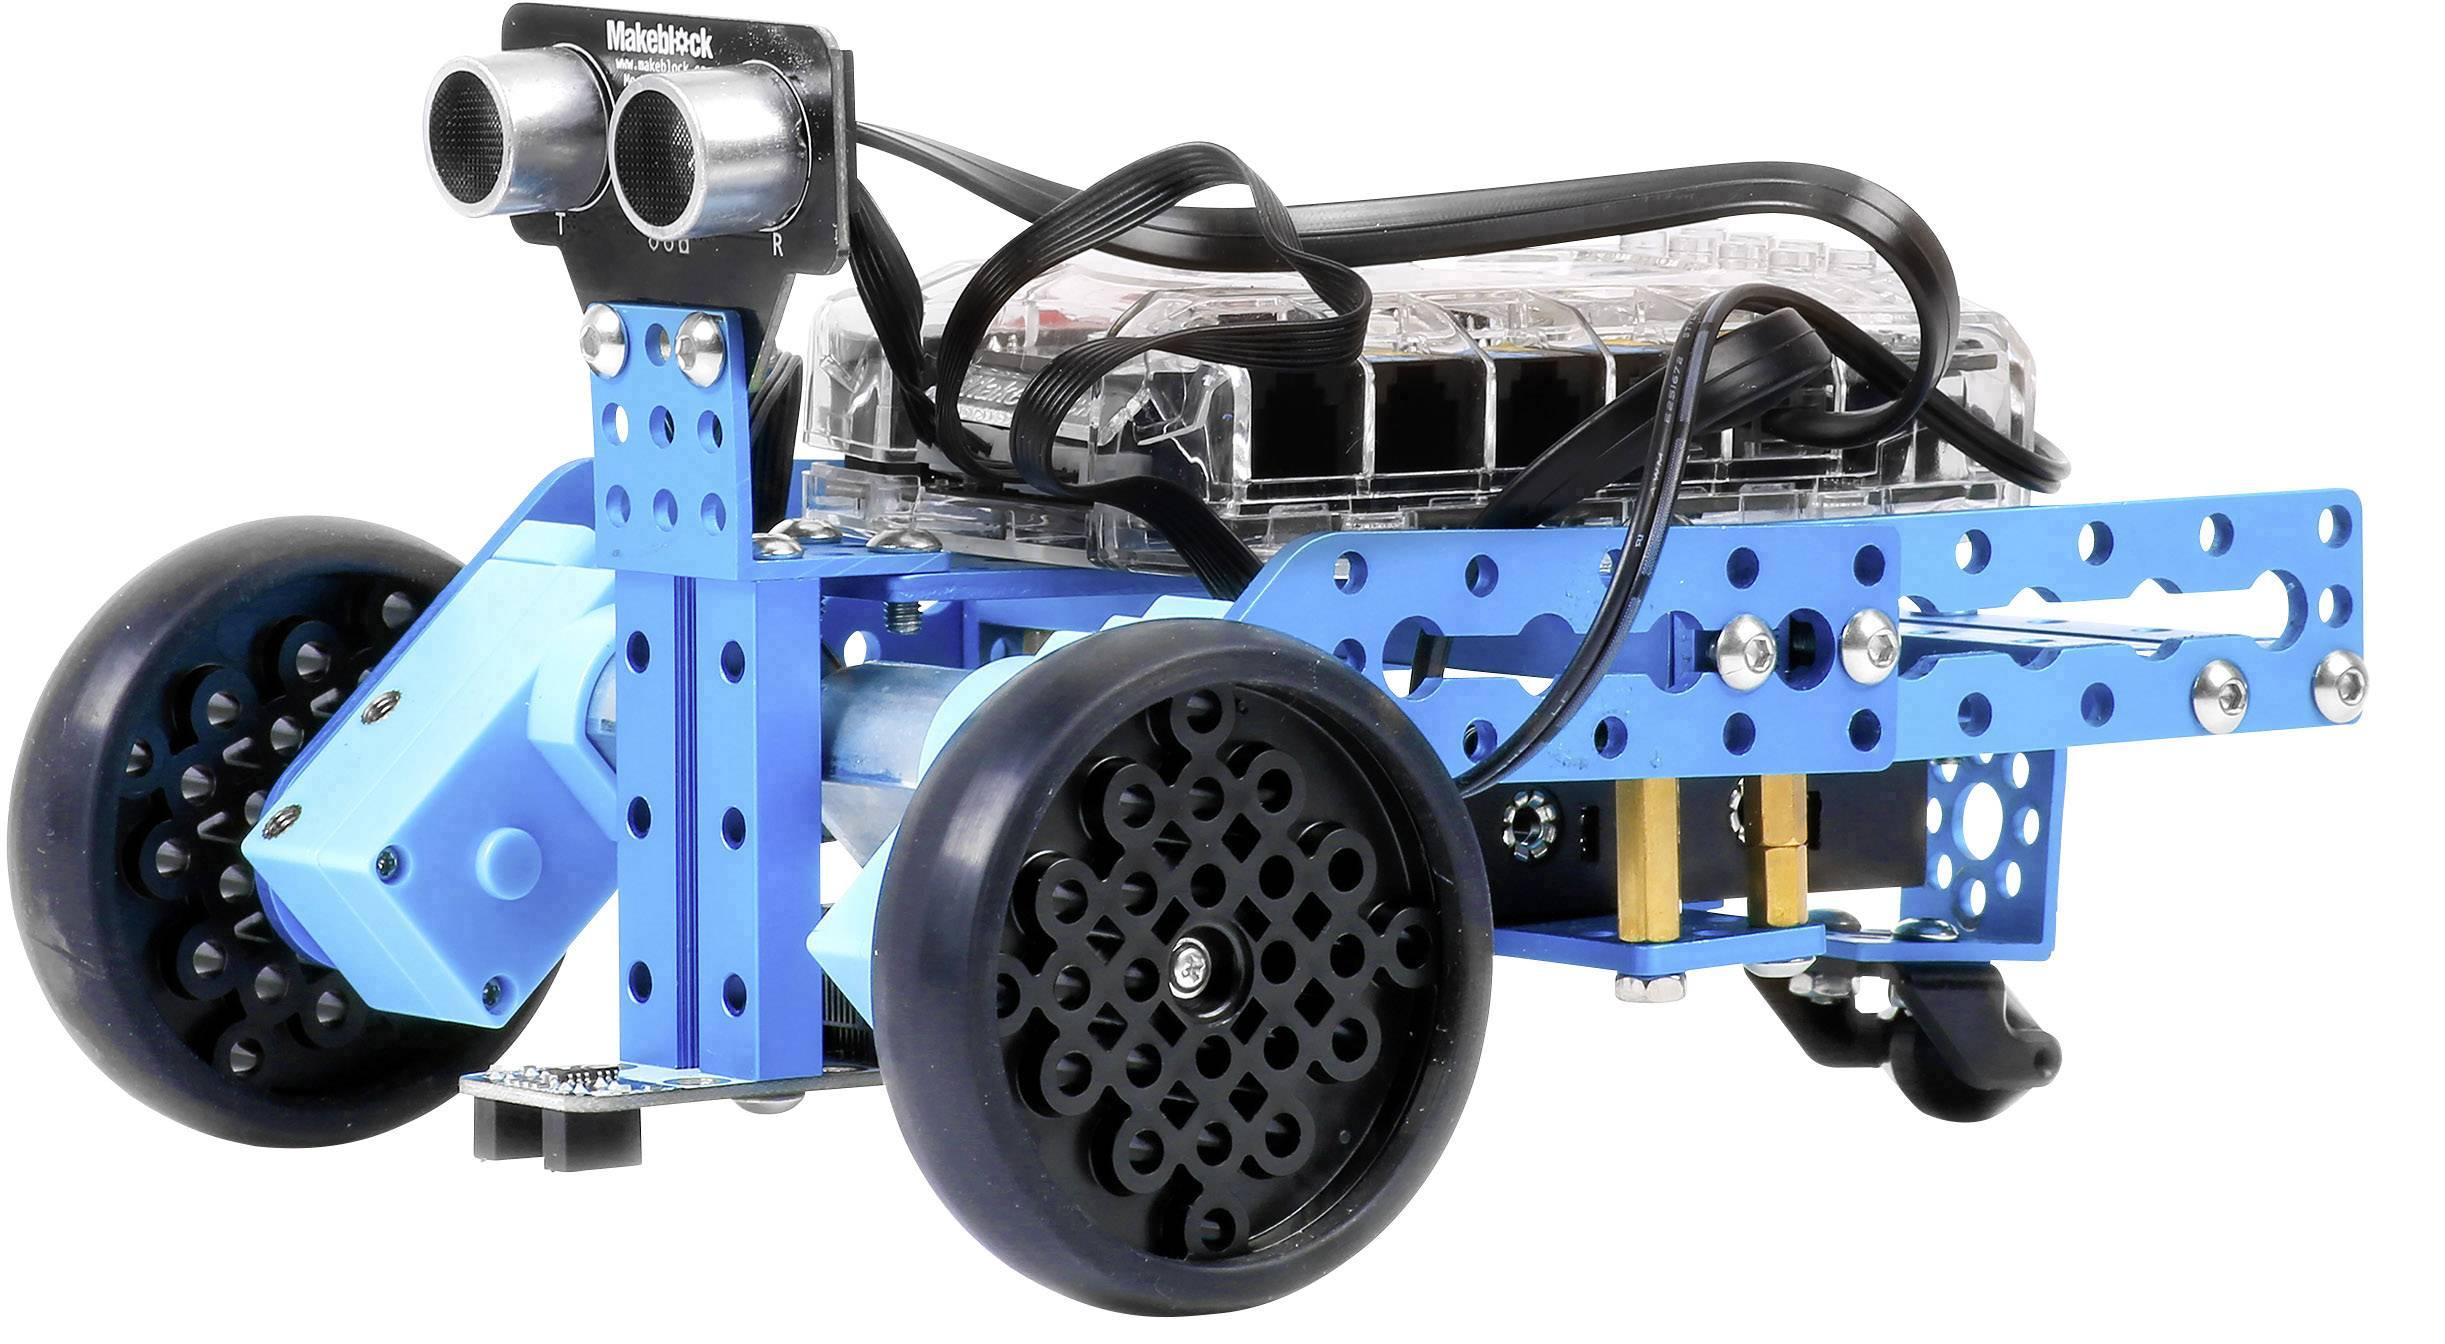 Makeblock Robot assembly kit mBot Ranger Transformable STEM